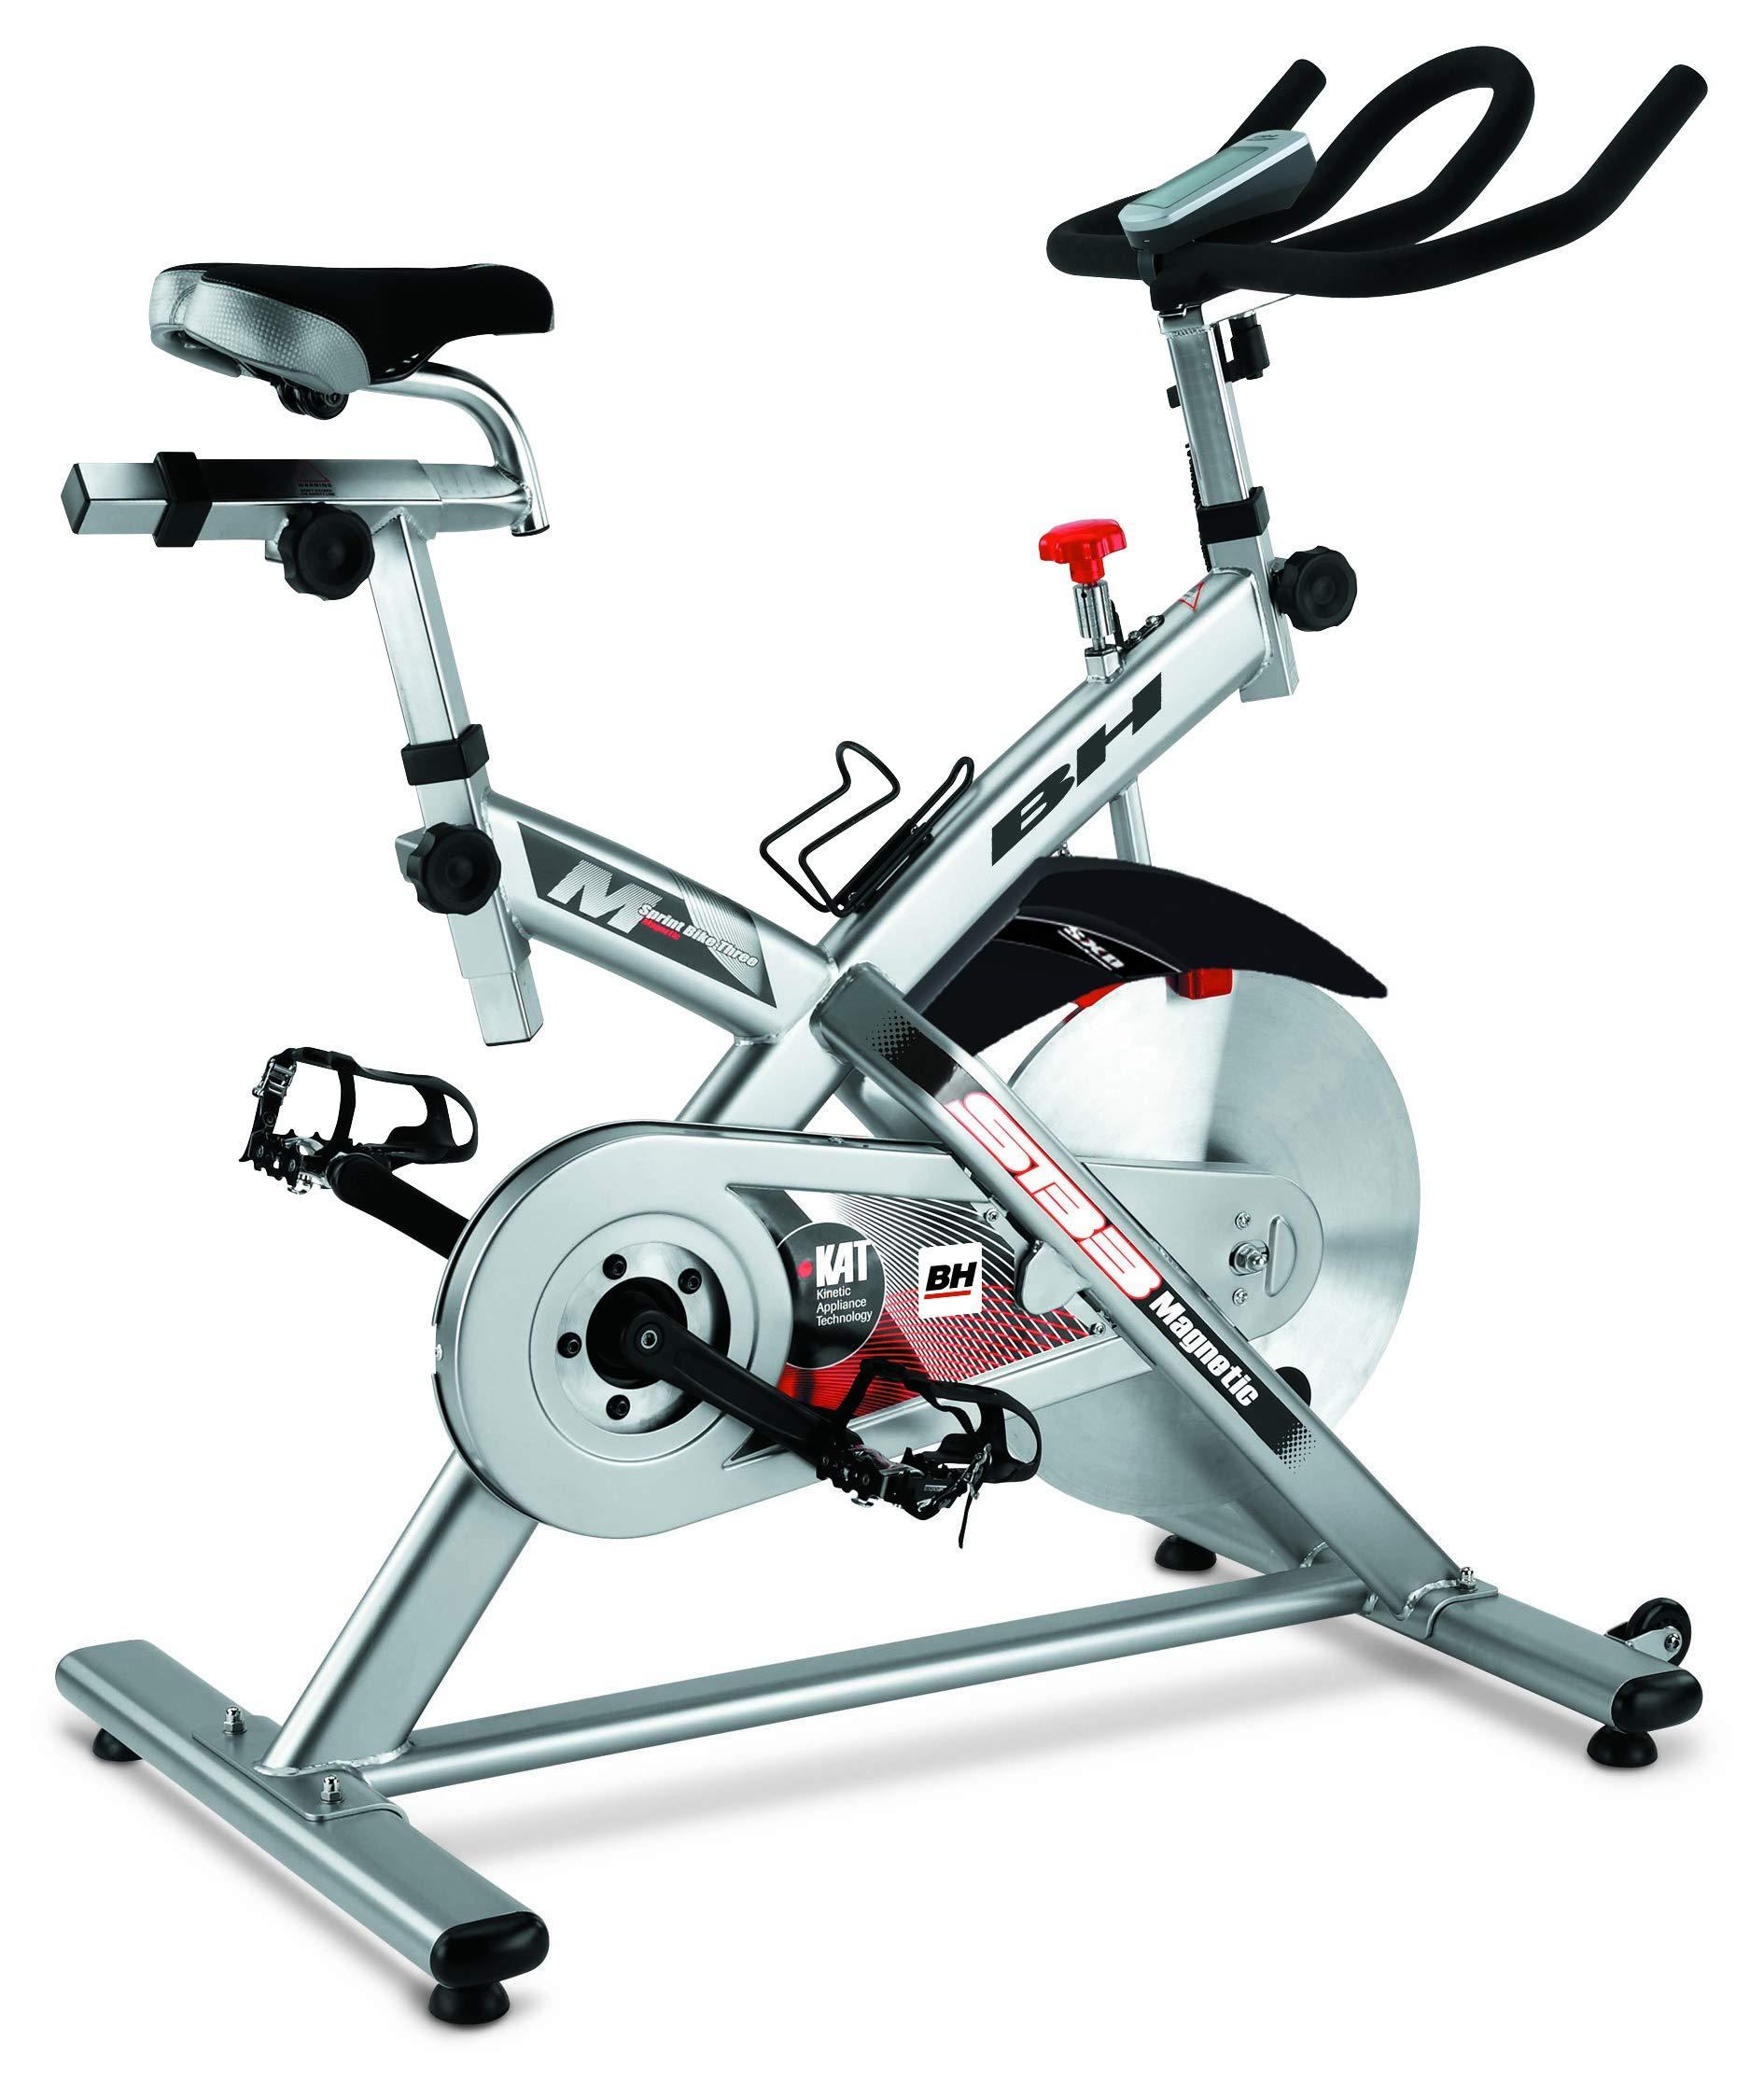 BH Fitness - Bicicleta Indoor sb3 Magnetic: Amazon.es: Deportes y aire libre